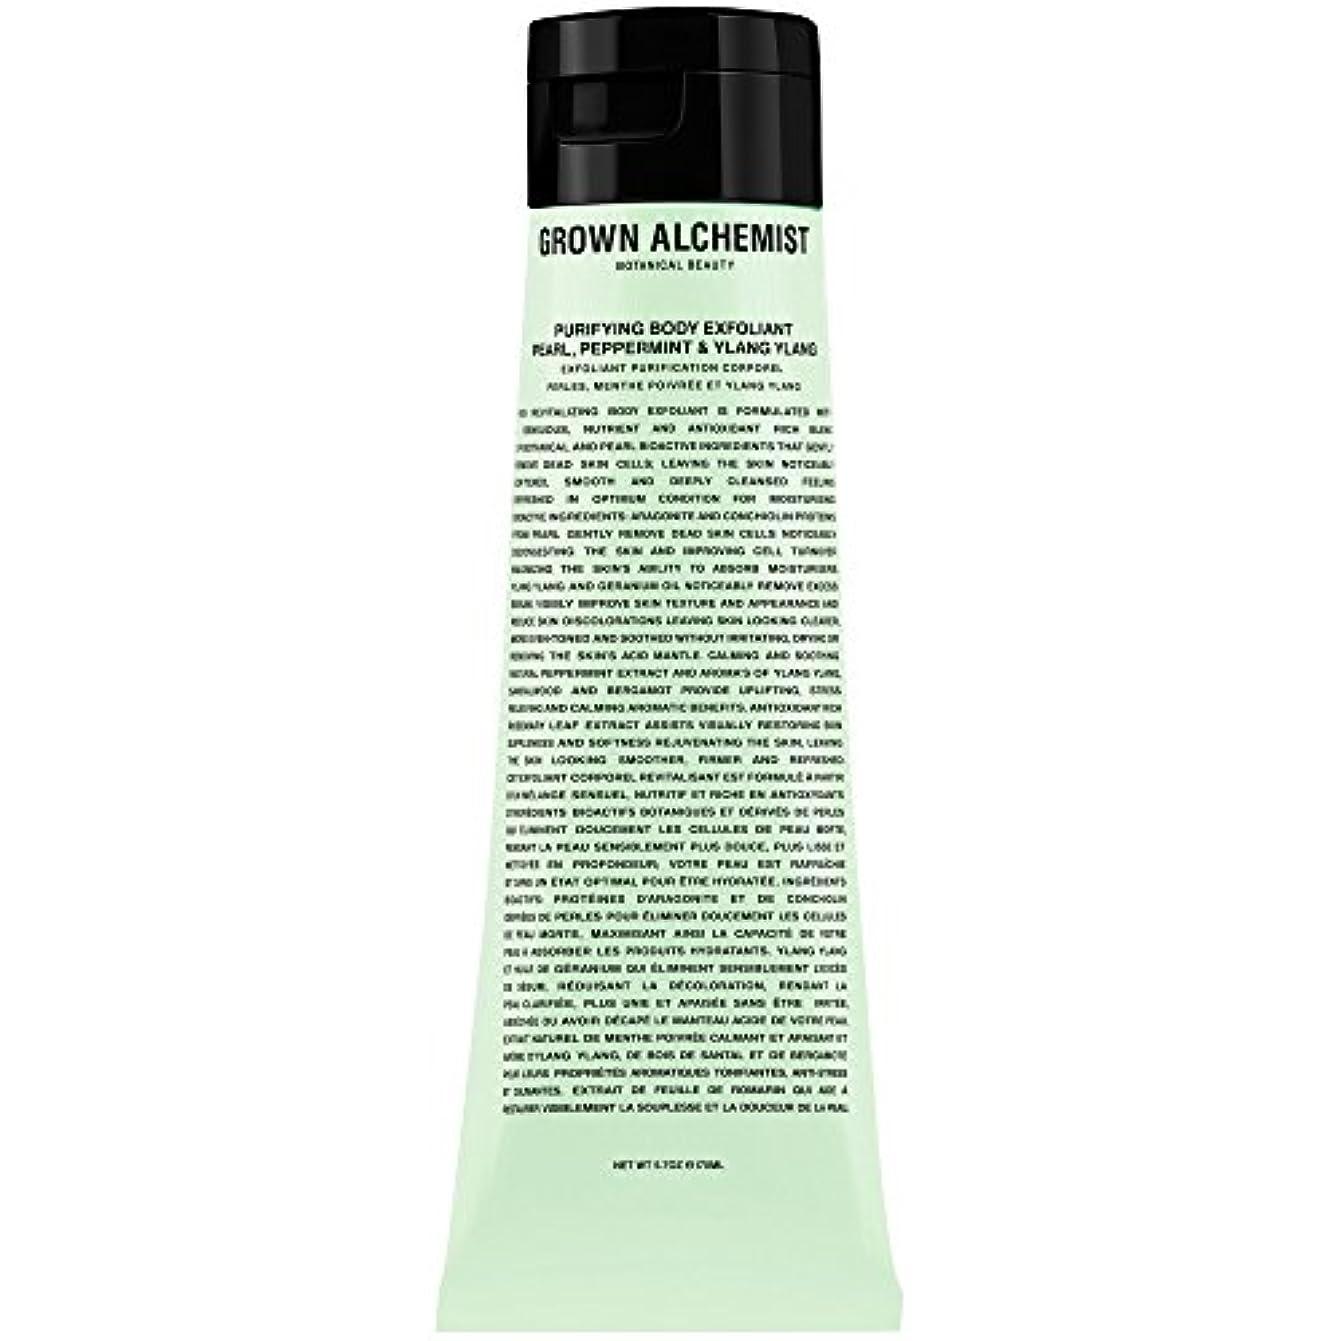 トロイの木馬均等に伝導成長した錬金術師浄化体剥脱真珠ペパーミント&イランイラン170ミリリットル (Grown Alchemist) (x2) - Grown Alchemist Purifying Body Exfoliant Pearl...